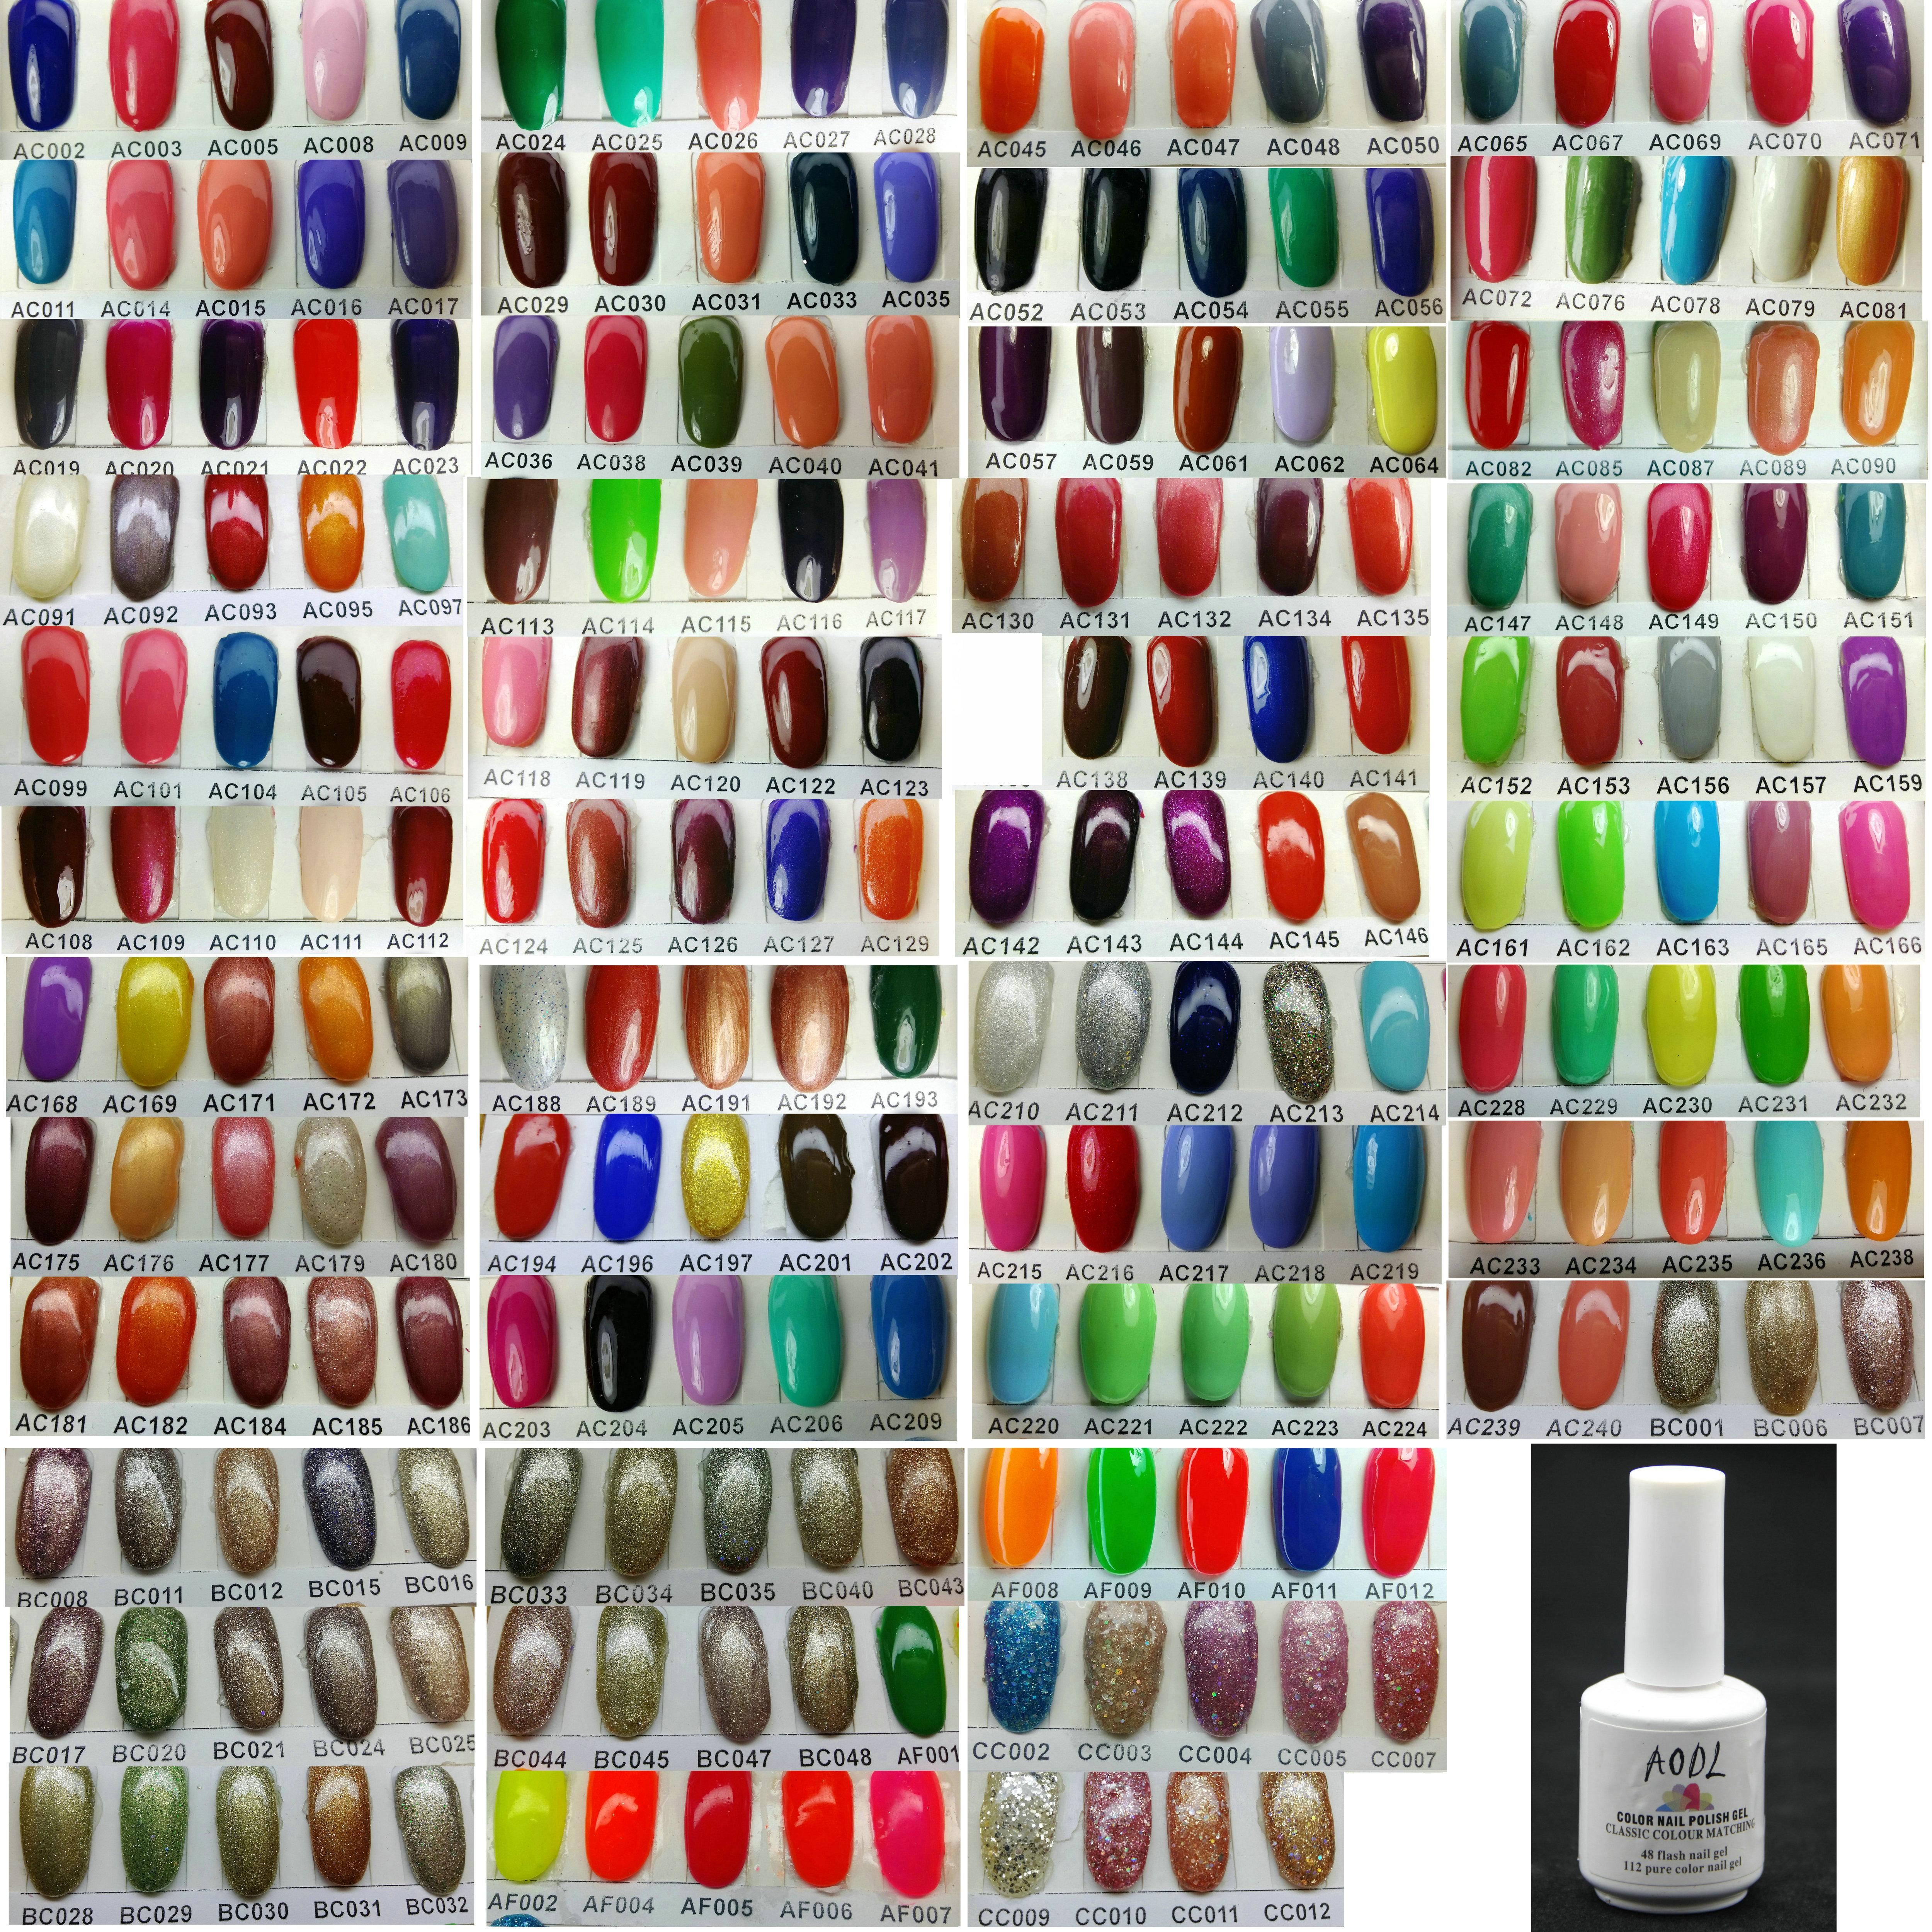 *고품질*새로운 버전 6 15ml5 온스 순수한 흡수 색상 UV 젤 폴란드어 네일 아트 LED 젤 건강*223 색상 선택될 수 있습니다*